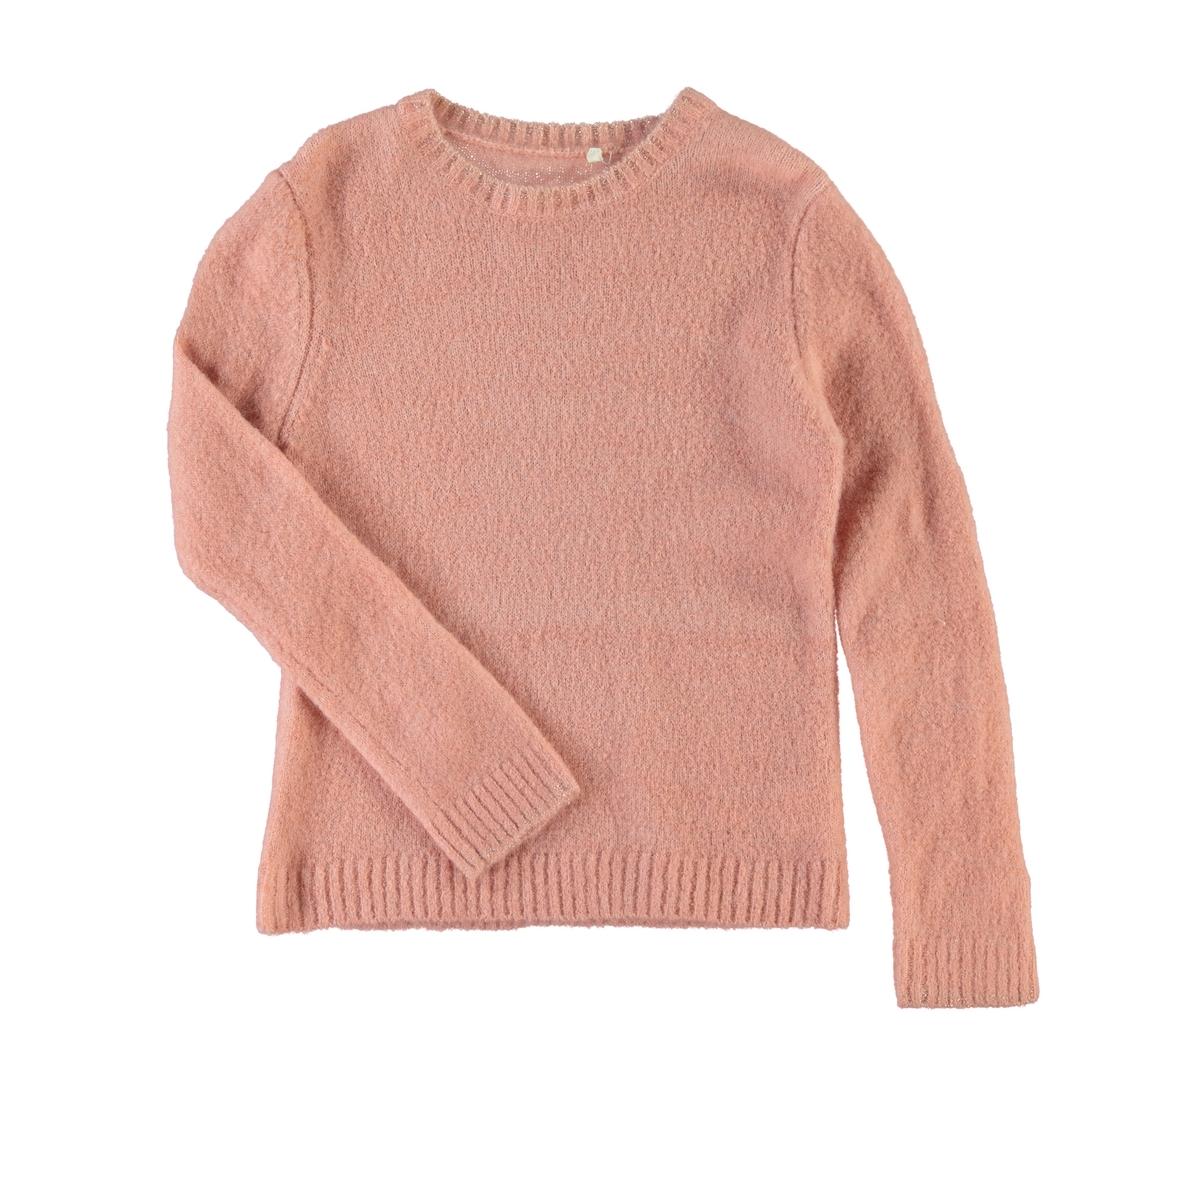 Пуловер длинный из тонкого трикотажа, 5 - 14 лет